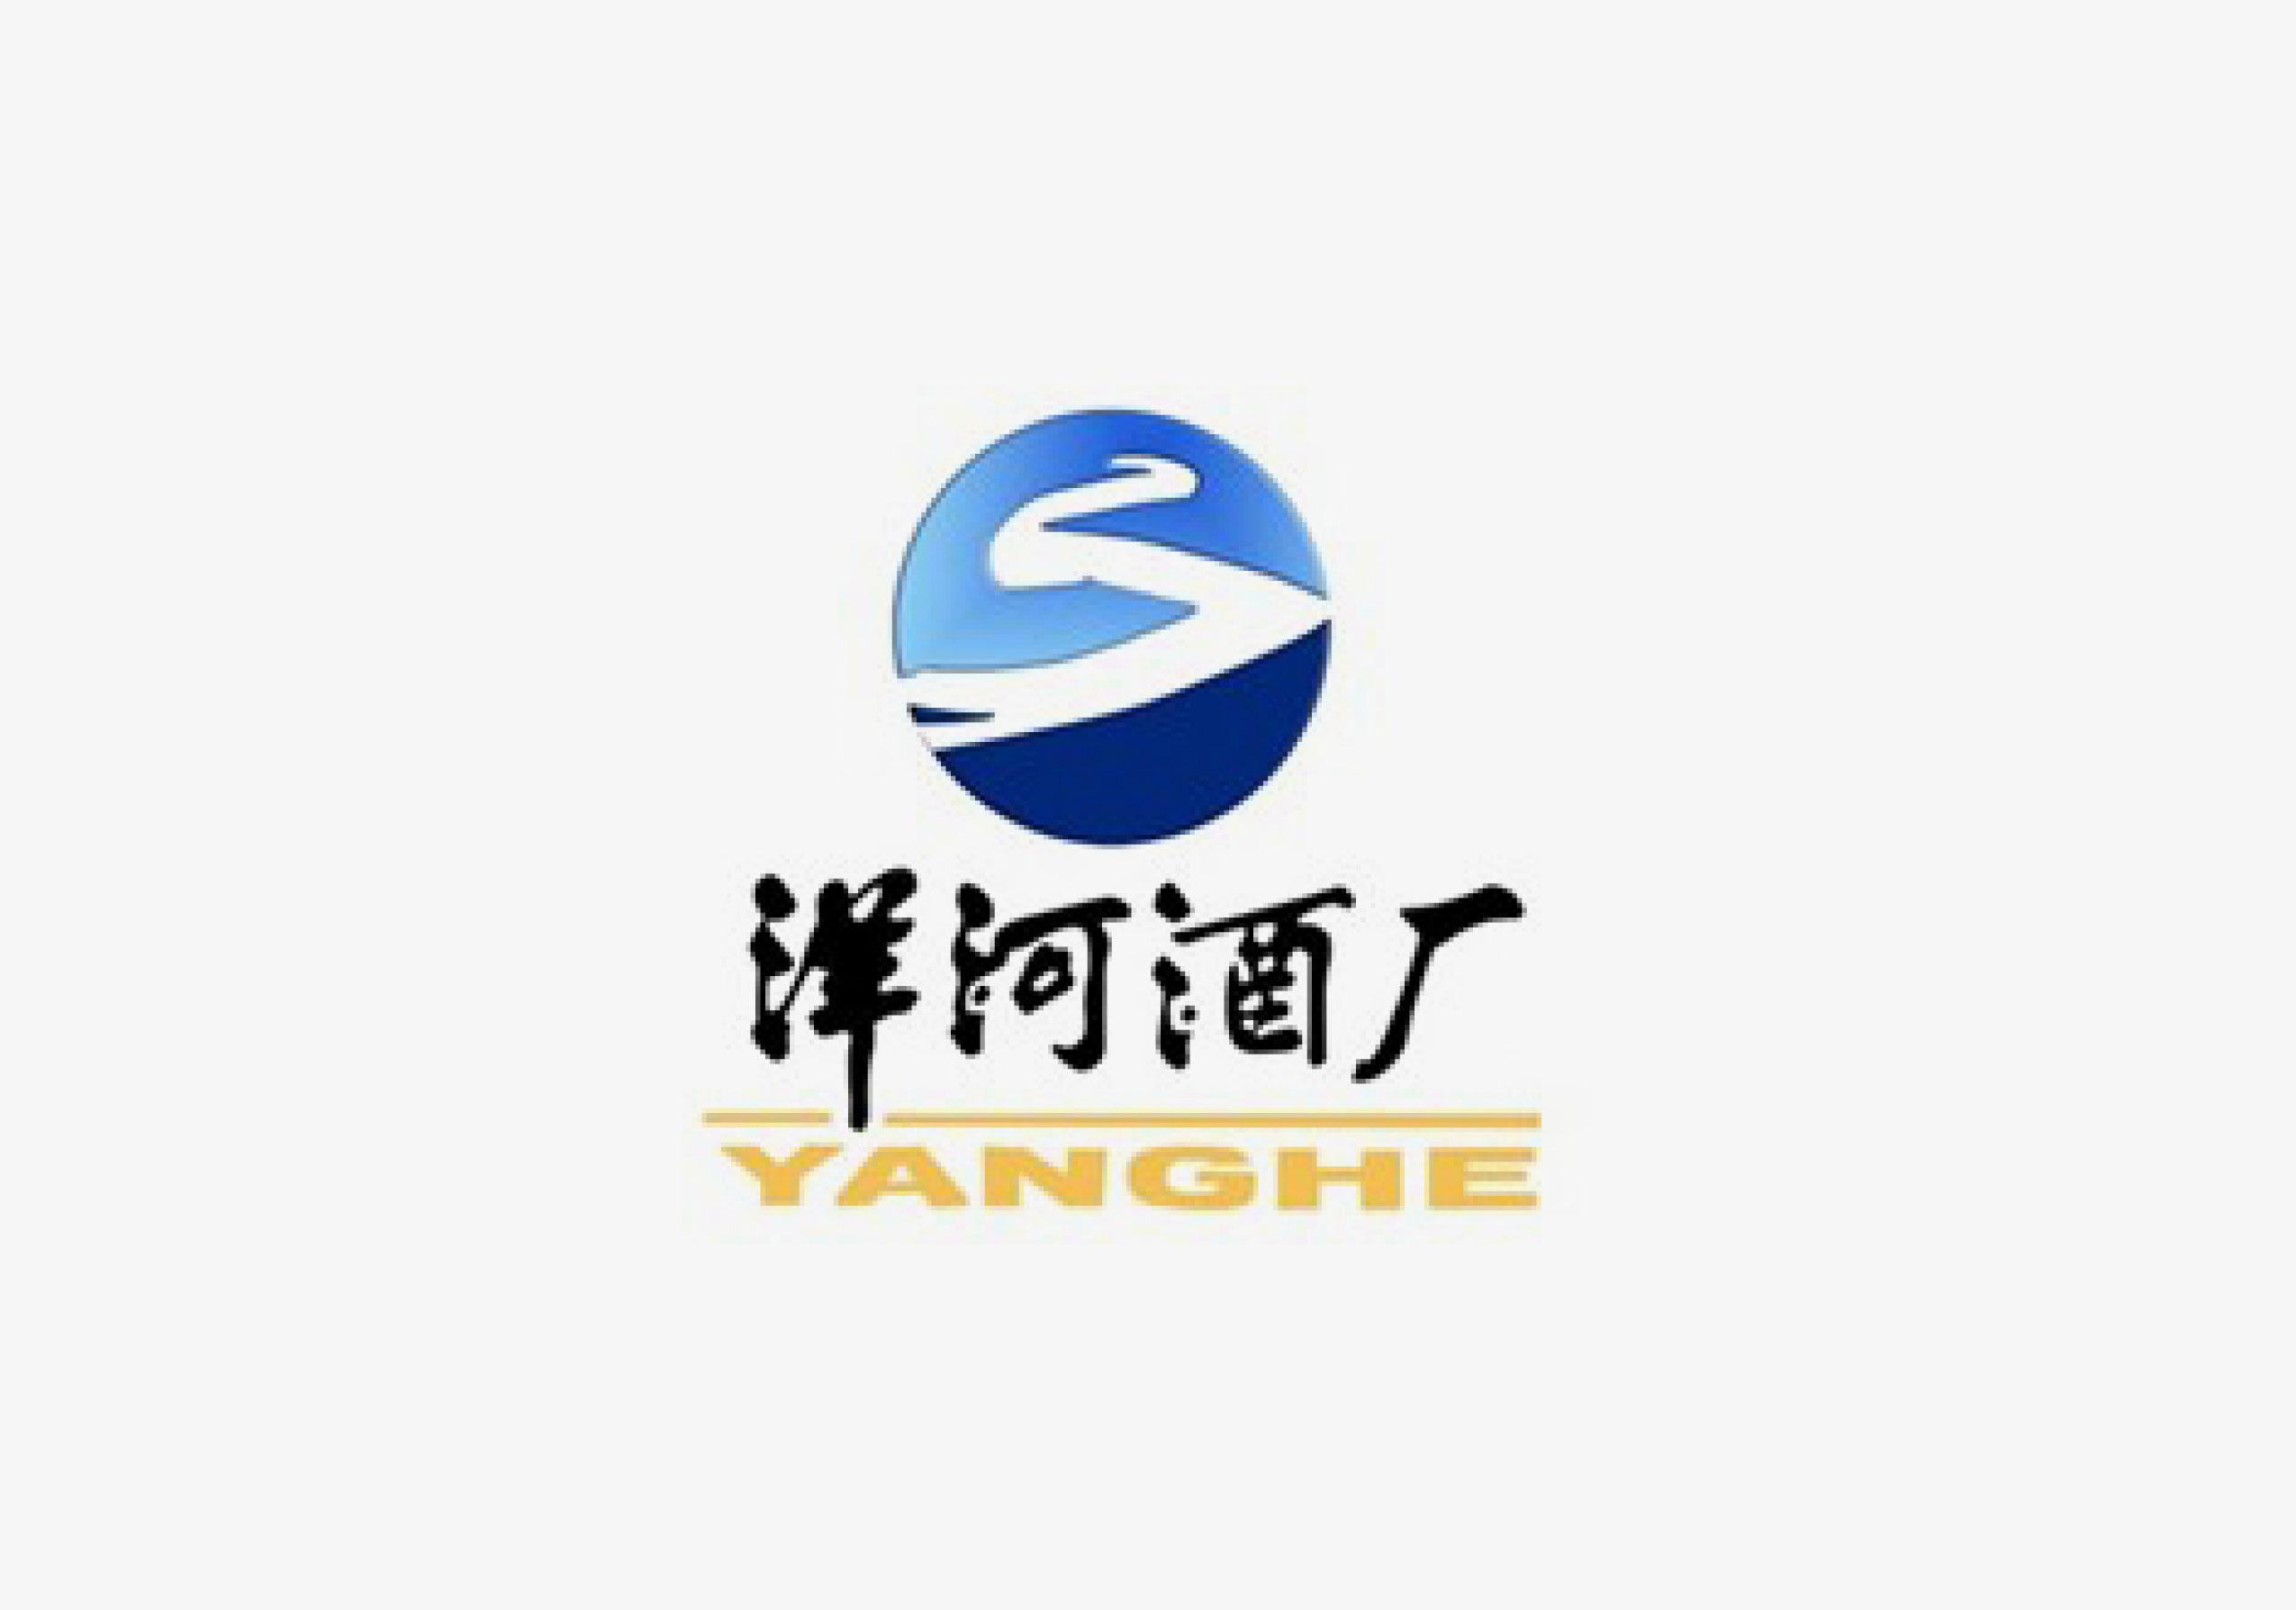 43洋河蓝色经典-2015_广告设计_公司logo设计_vi_.